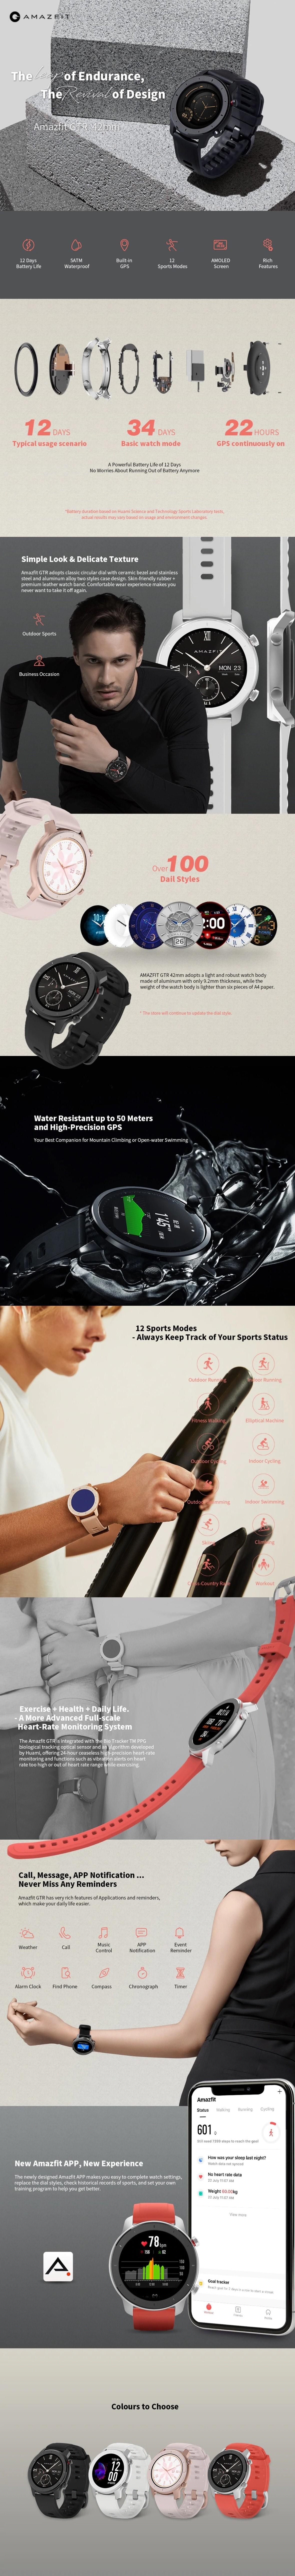 Prezentare-Xiaomi-Huami-Amazfit-GTR-42-mmbc73817a8b6fa38a.jpg